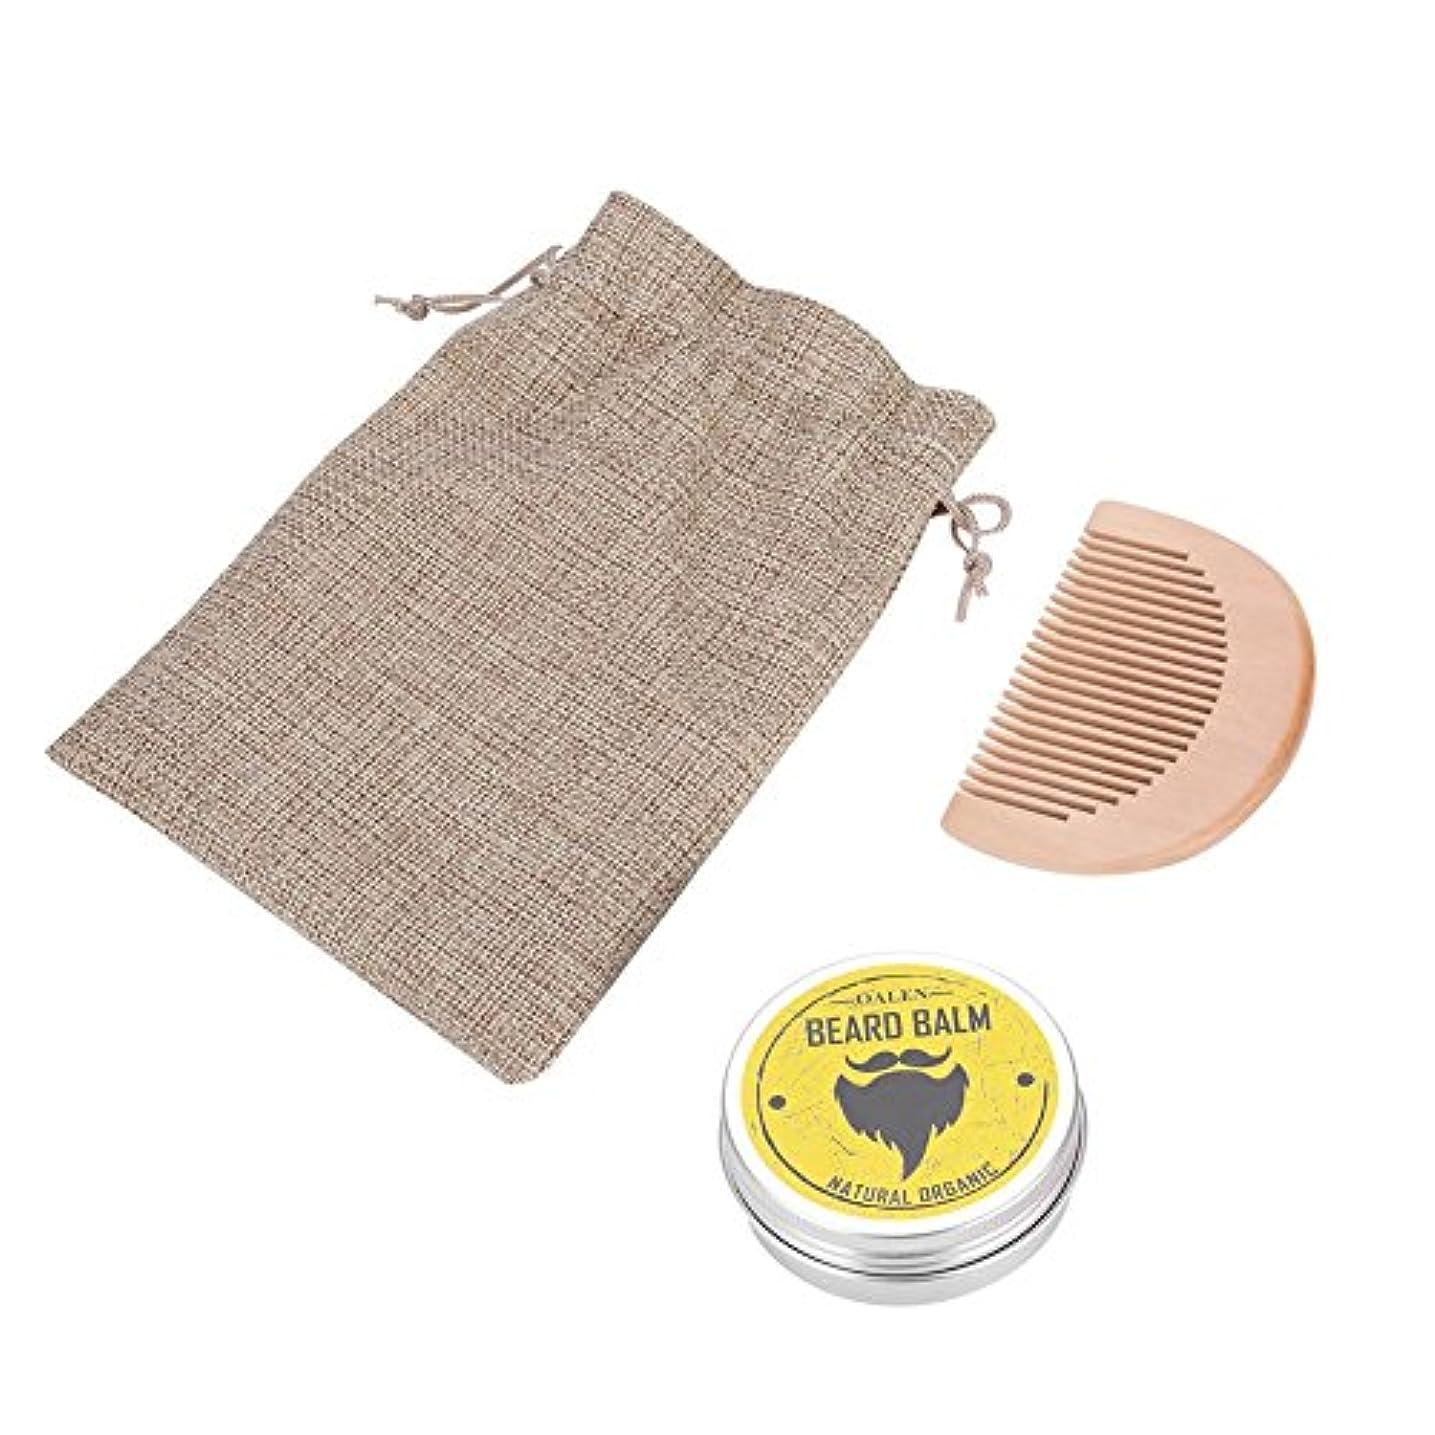 電池基準肯定的ビアードコンディショナーのバームの口ひげのワックスビアードシェイピングのためのモイスチャライジングビアードコームビアードケアセット